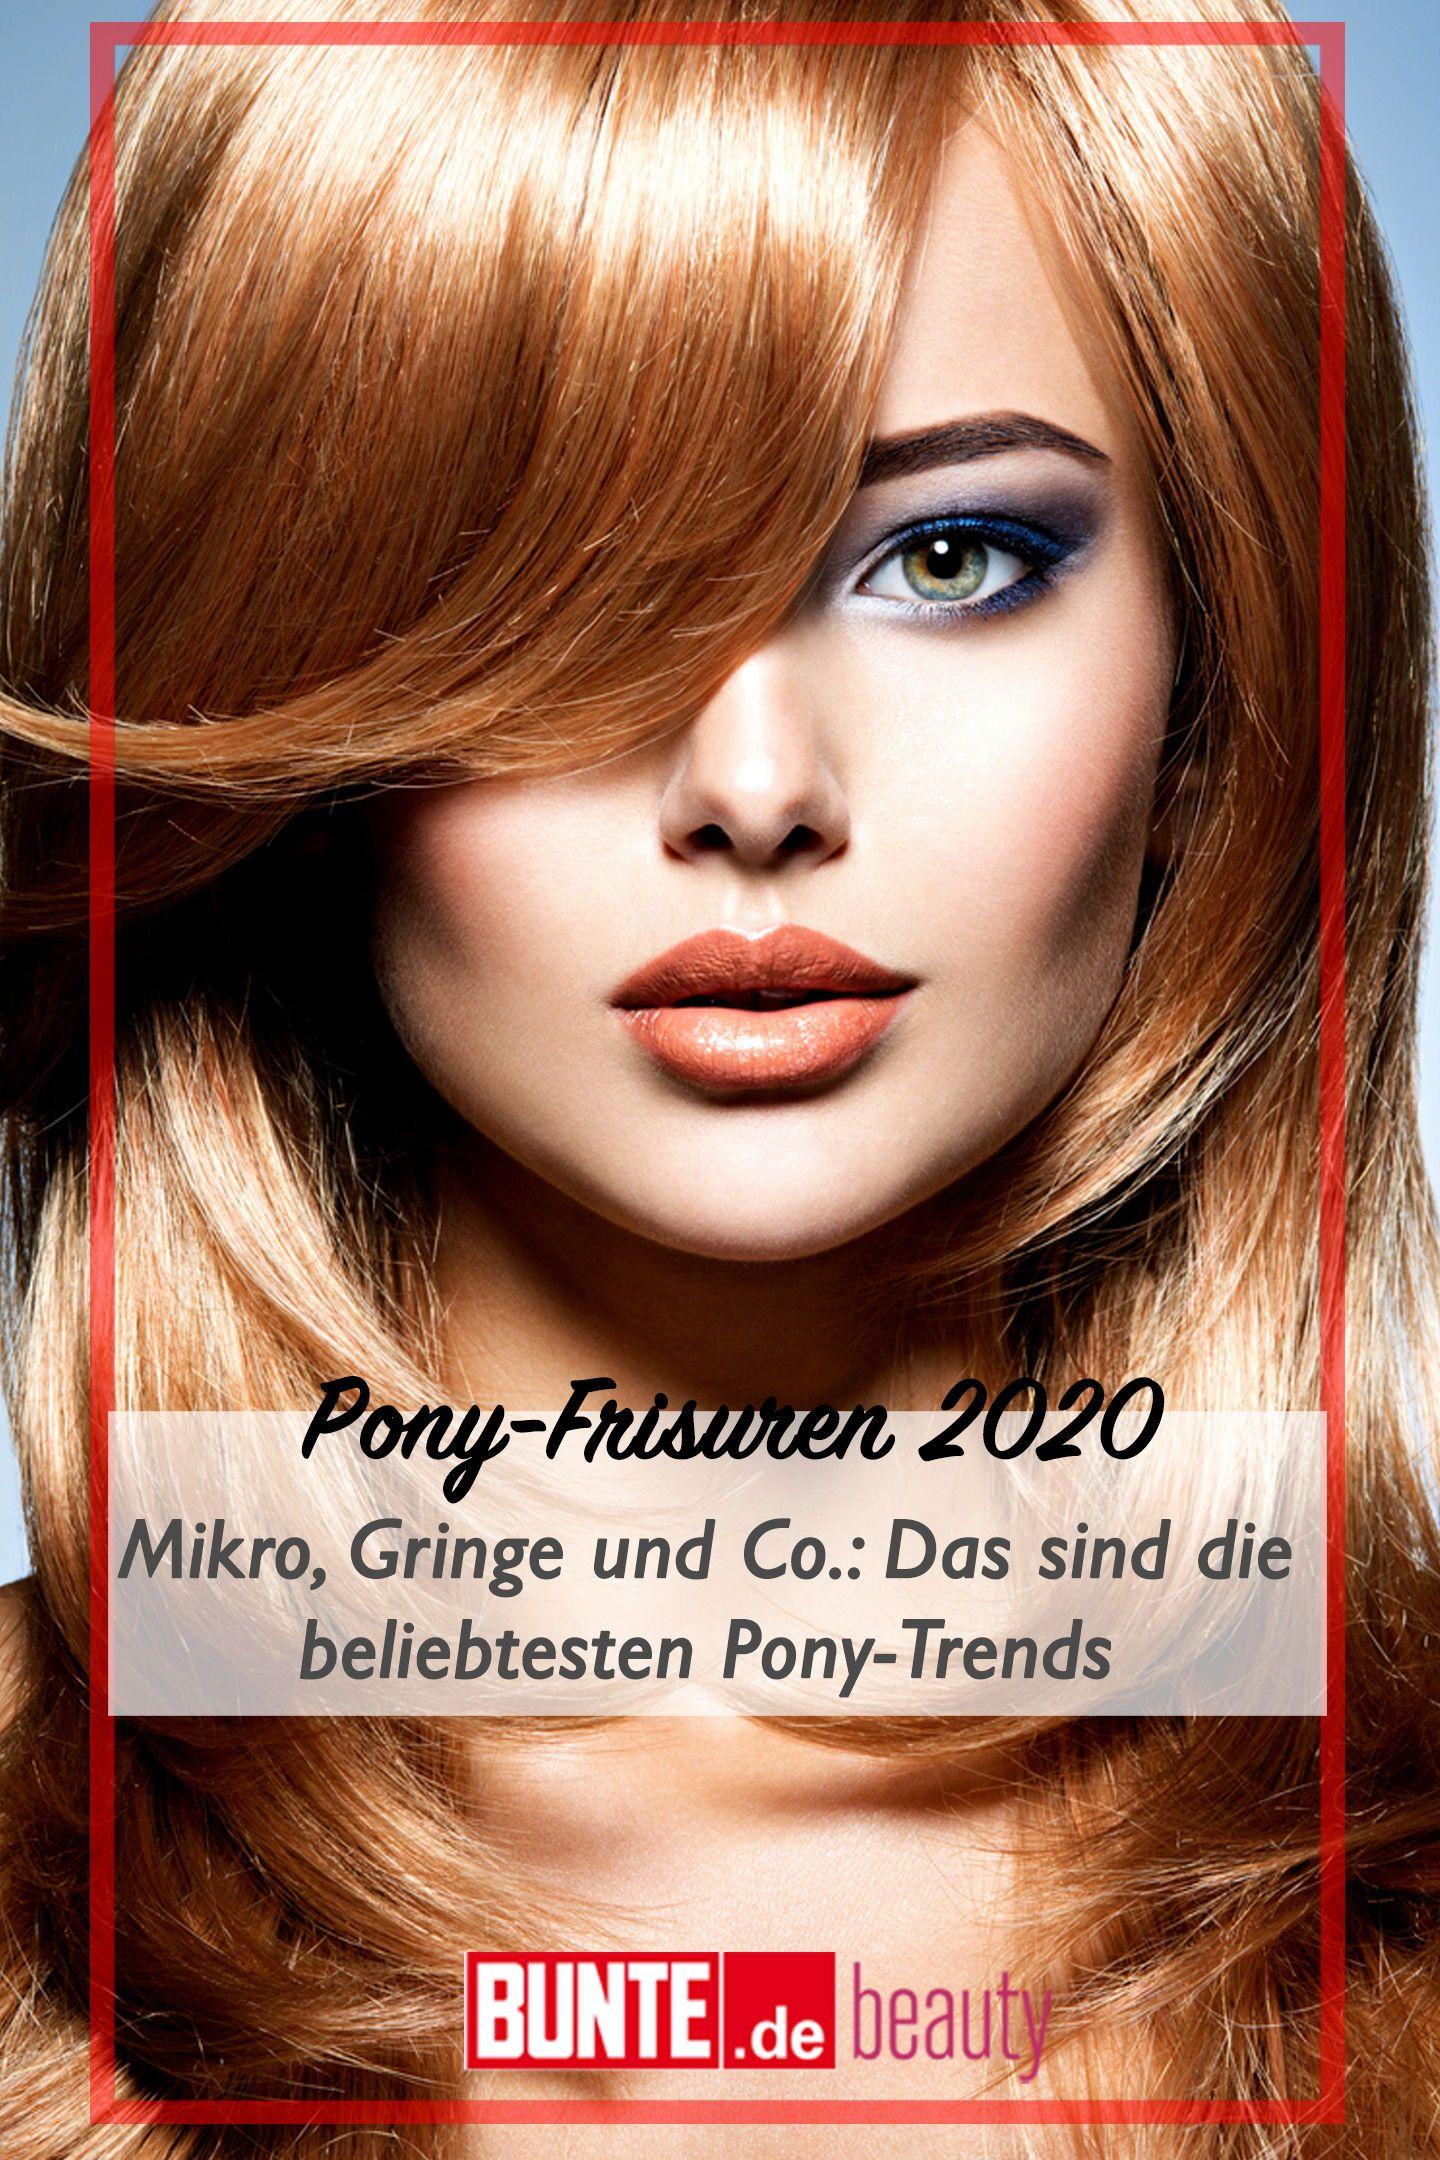 Pony Frisuren Mikro Gringe Und Co Das Sind Die Beliebtesten Pony Trends Fur 2020 In 2020 Frisuren Mit Pony Frisuren Pony